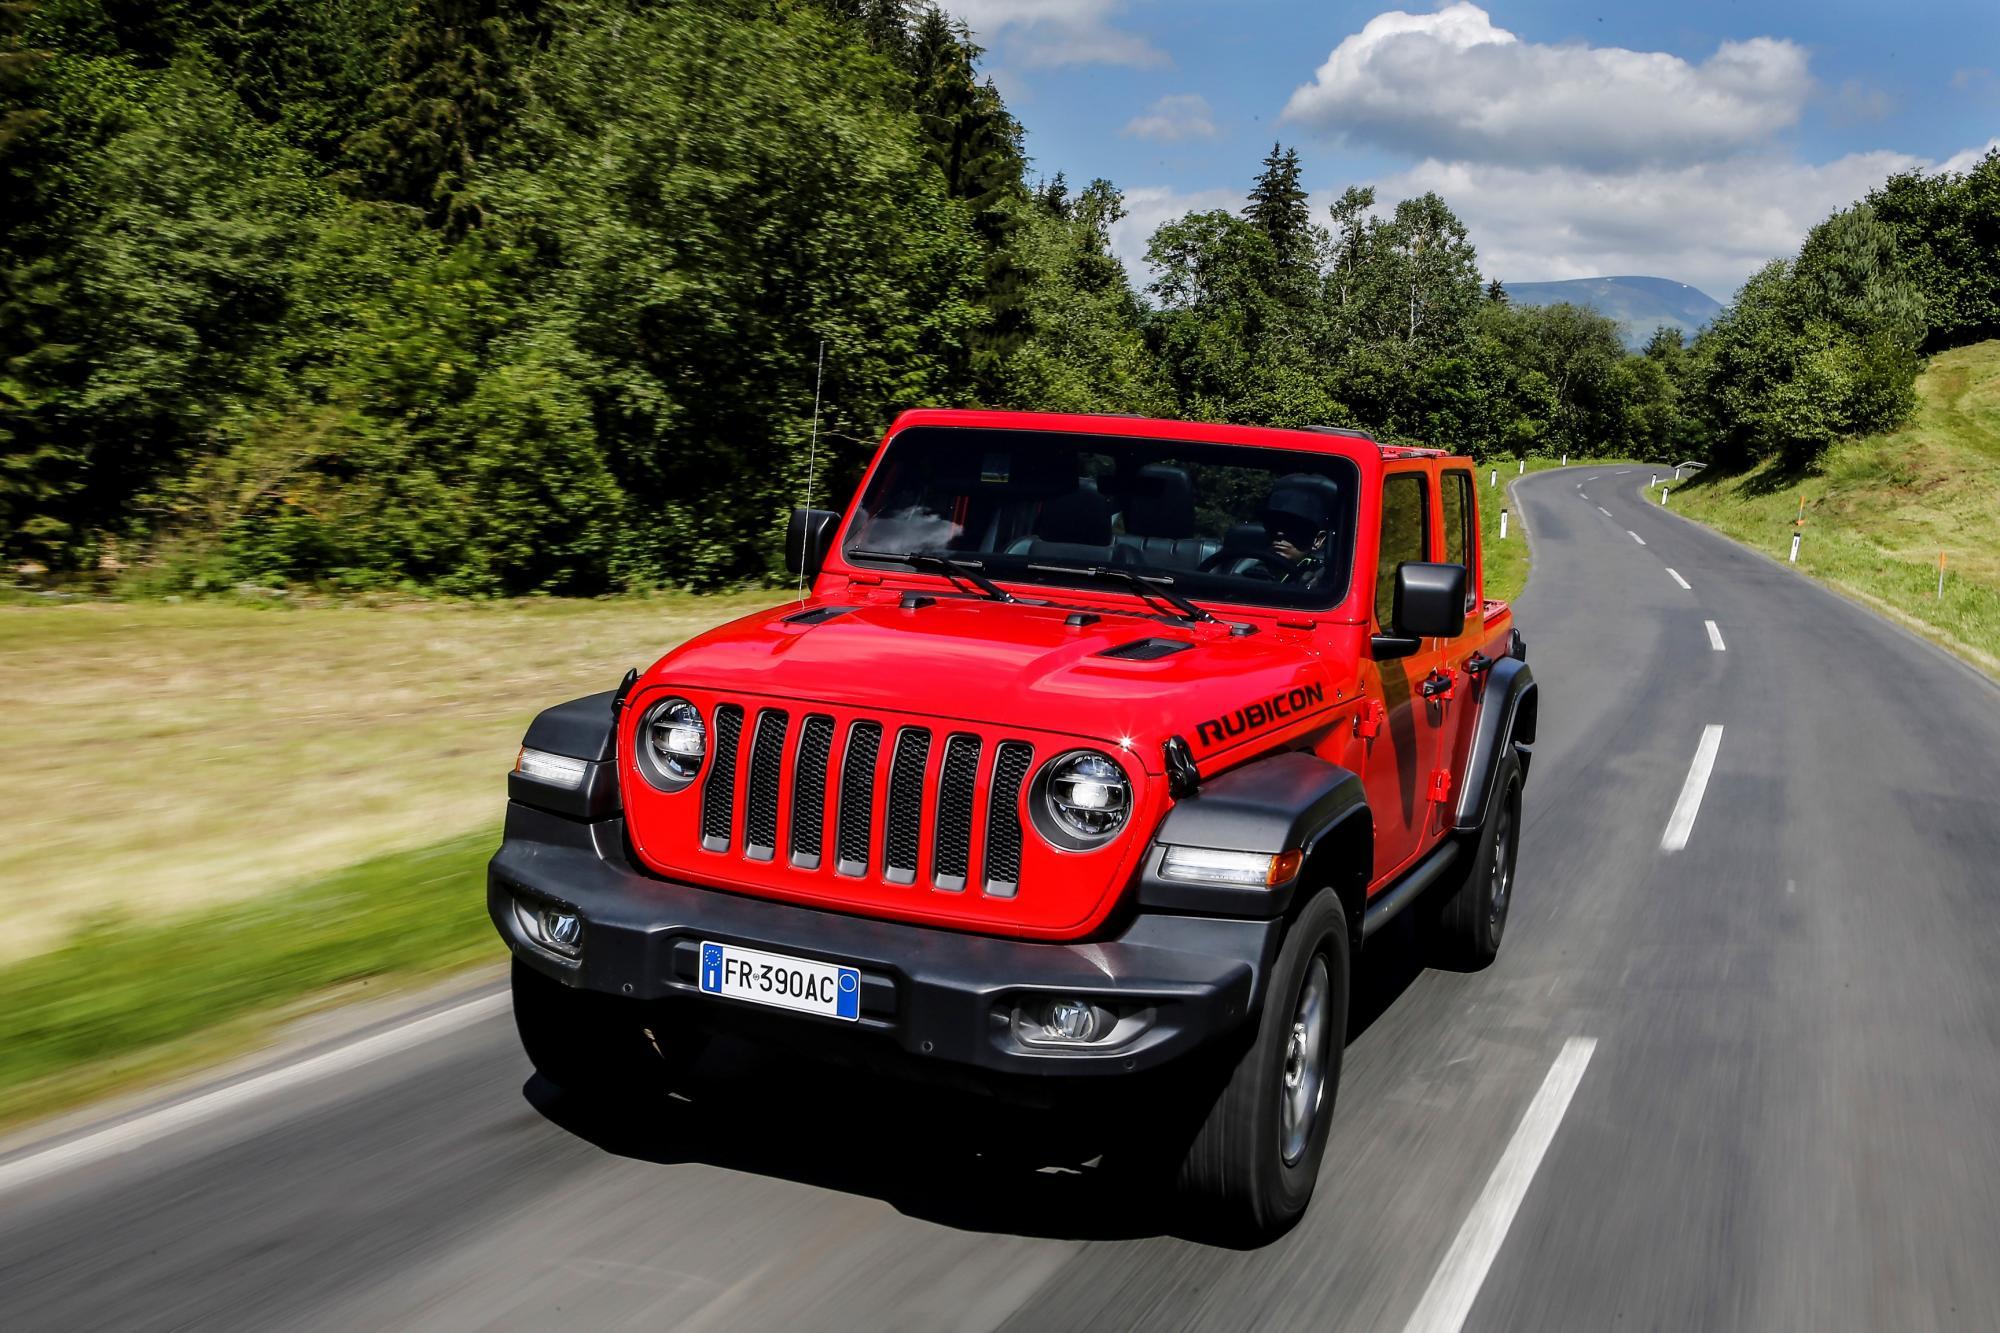 Νέο σύστημα αυτόνομου φρεναρίσματος από την Jeep